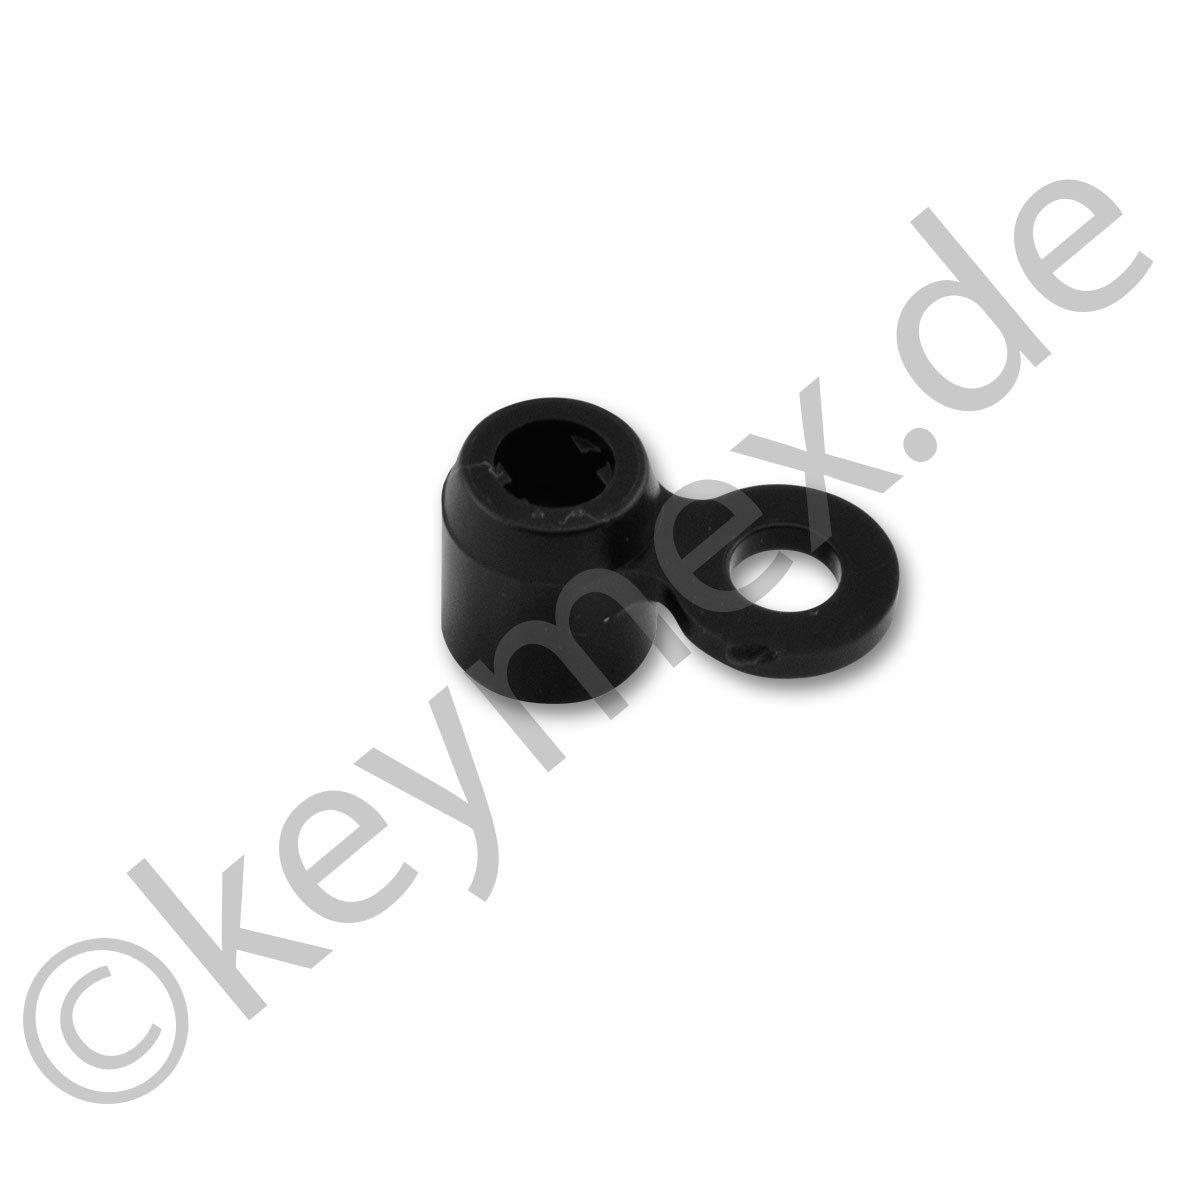 Fußdichtung motorsäge kettensäge neu Zylinder passend für Jonsered 2147